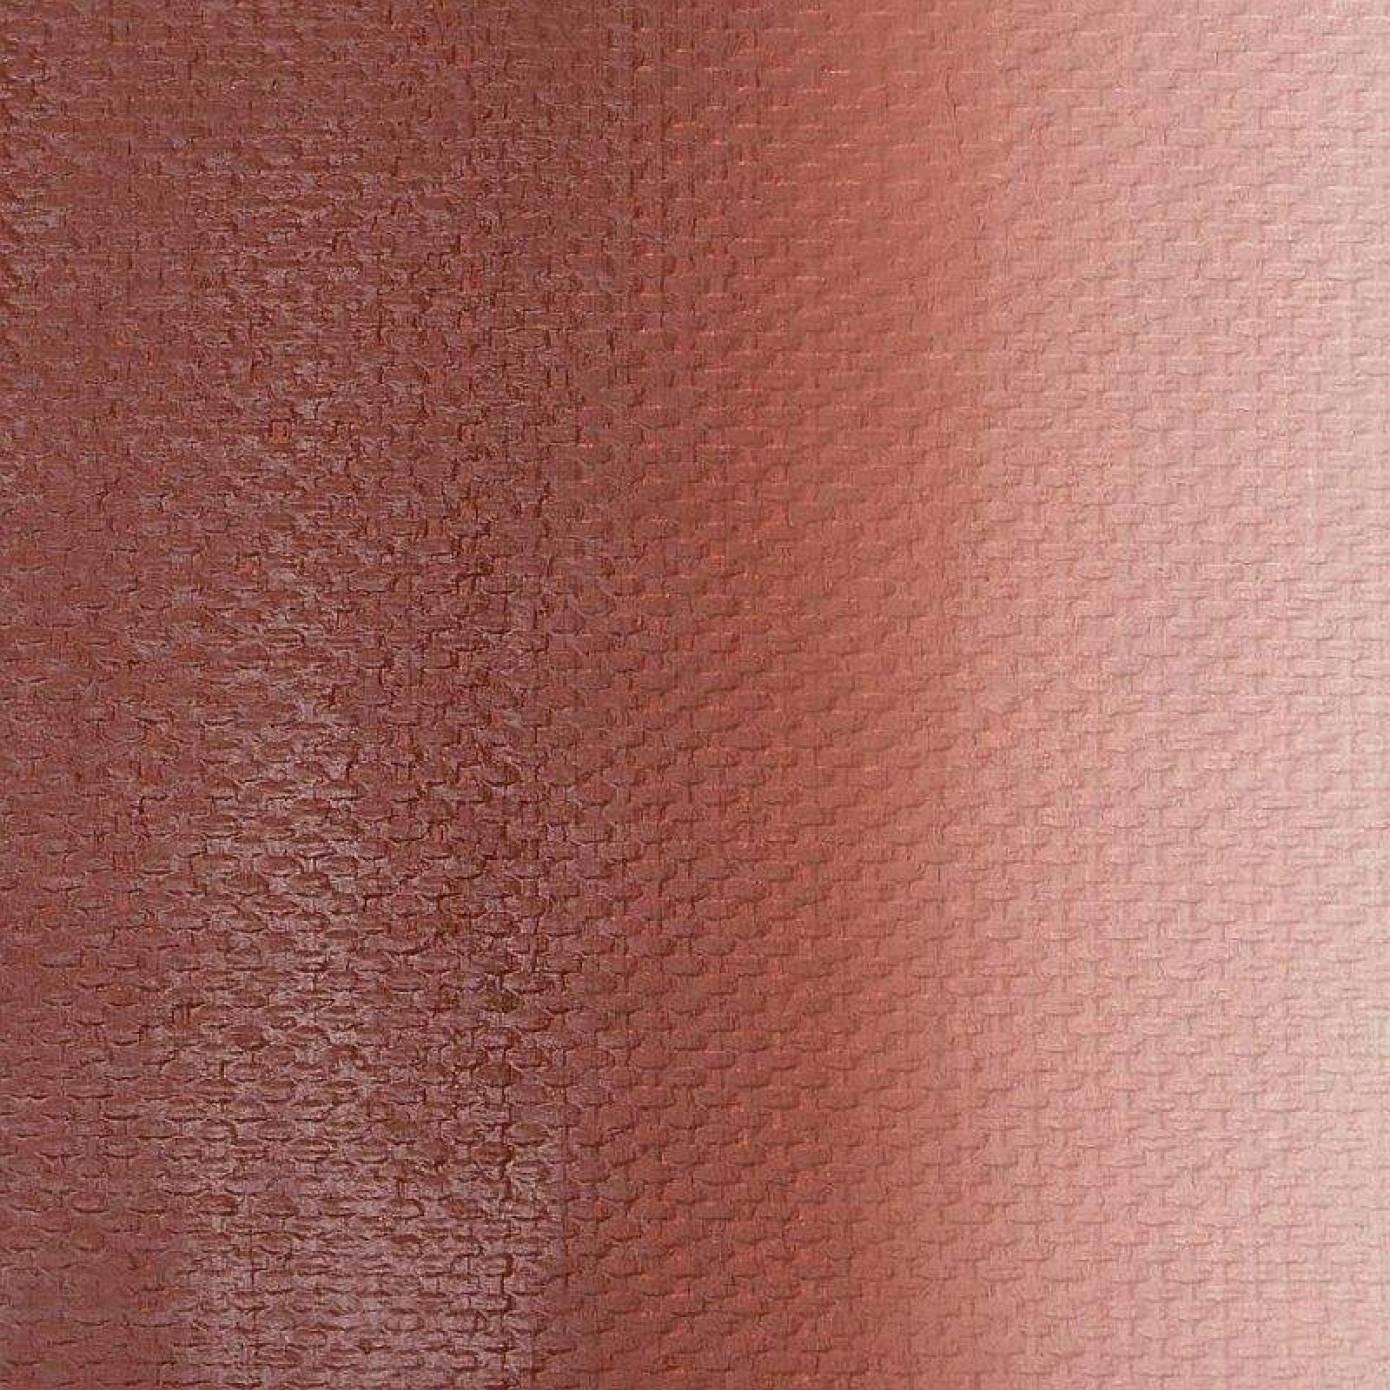 апельсин оттенок охры фото вид воздуха